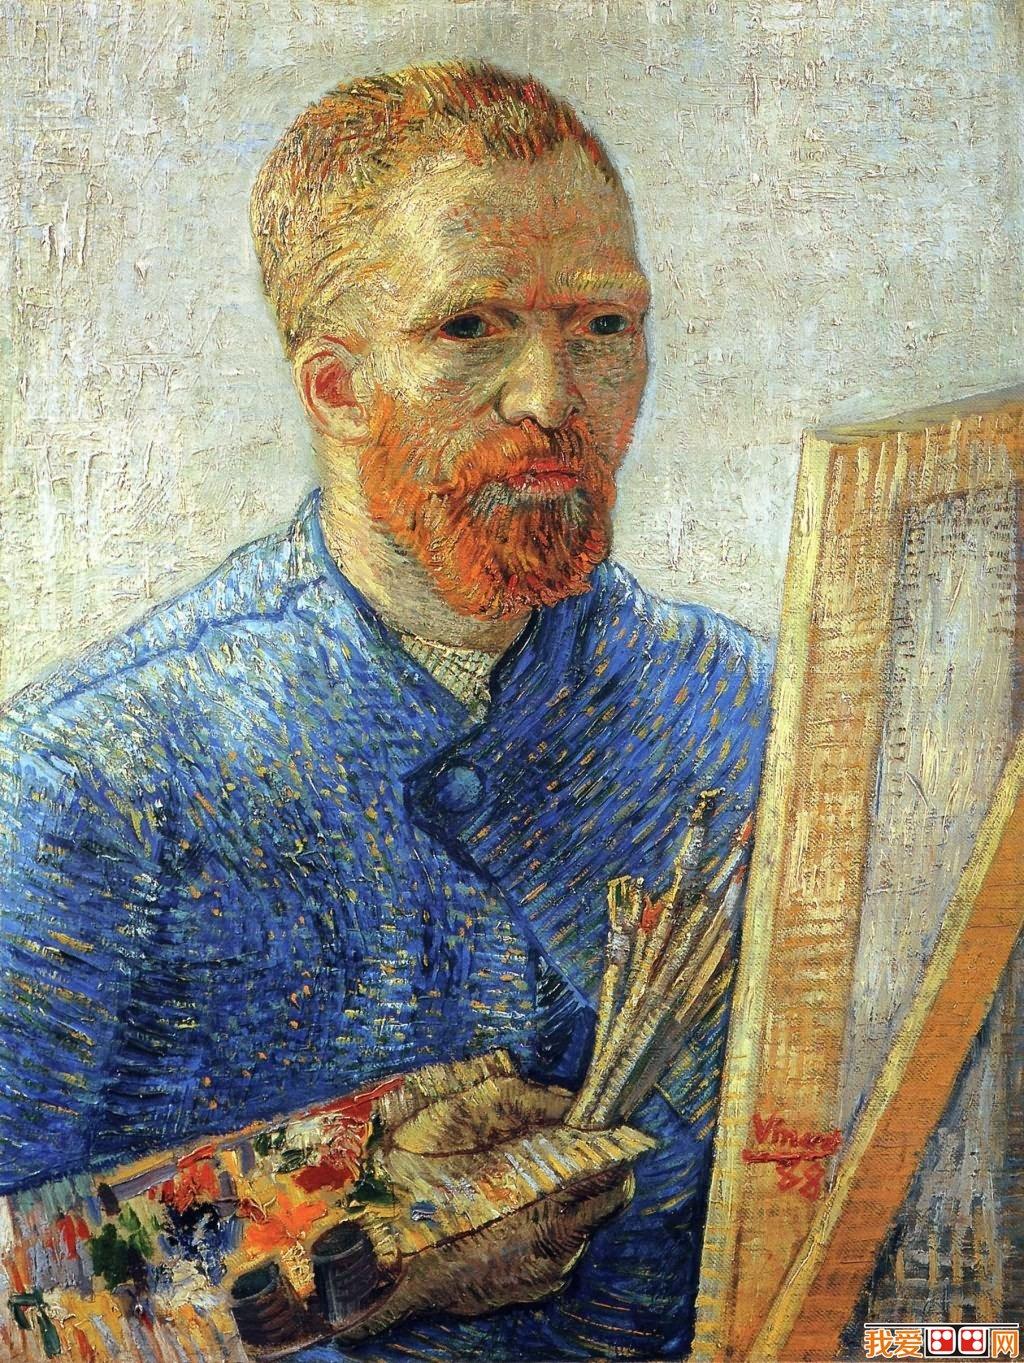 梵高自画像解读 梵高人物肖像油画作品欣赏